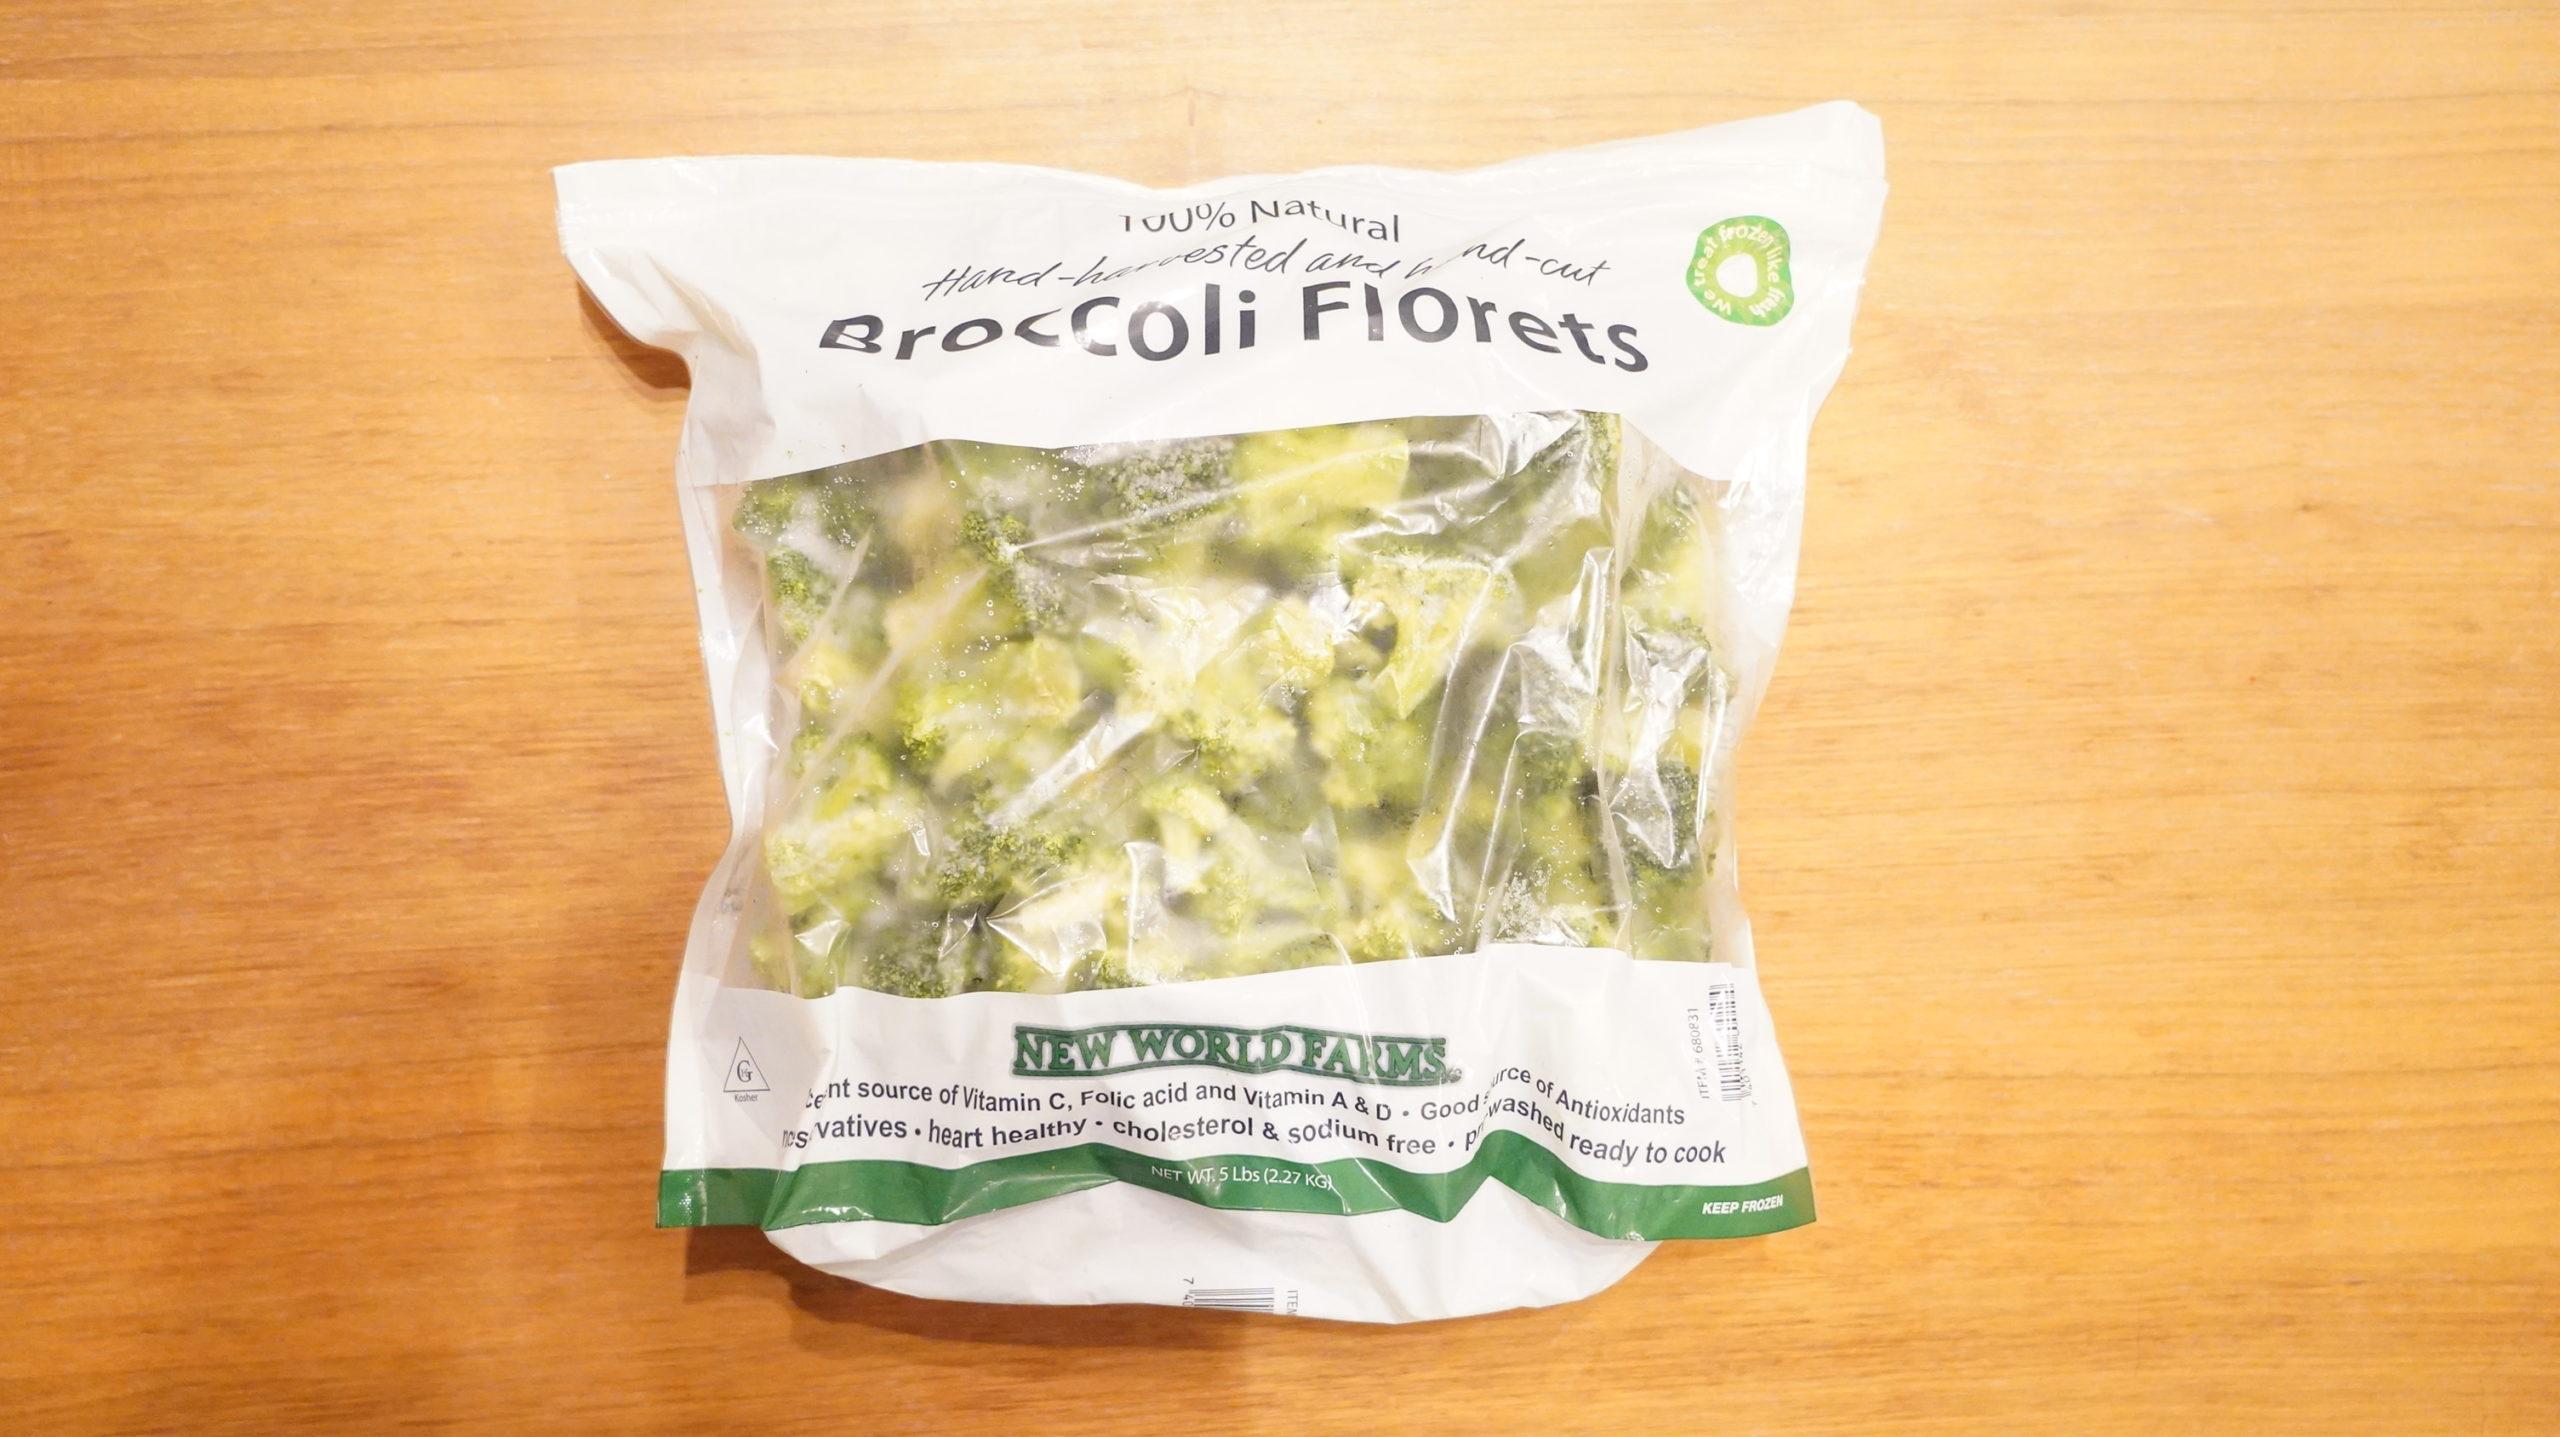 コストコのおすすめ冷凍食品「ブロッコリー100%ナチュラル」のパッケージ写真